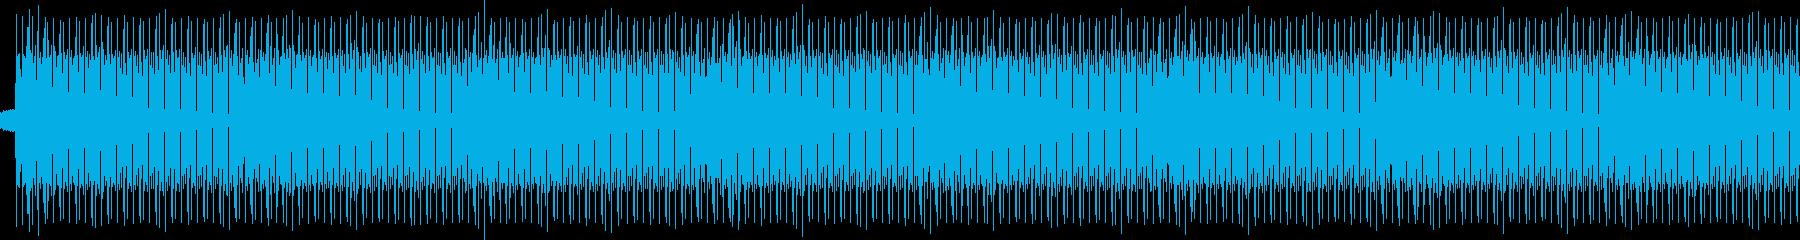 裏露地的なビートの再生済みの波形